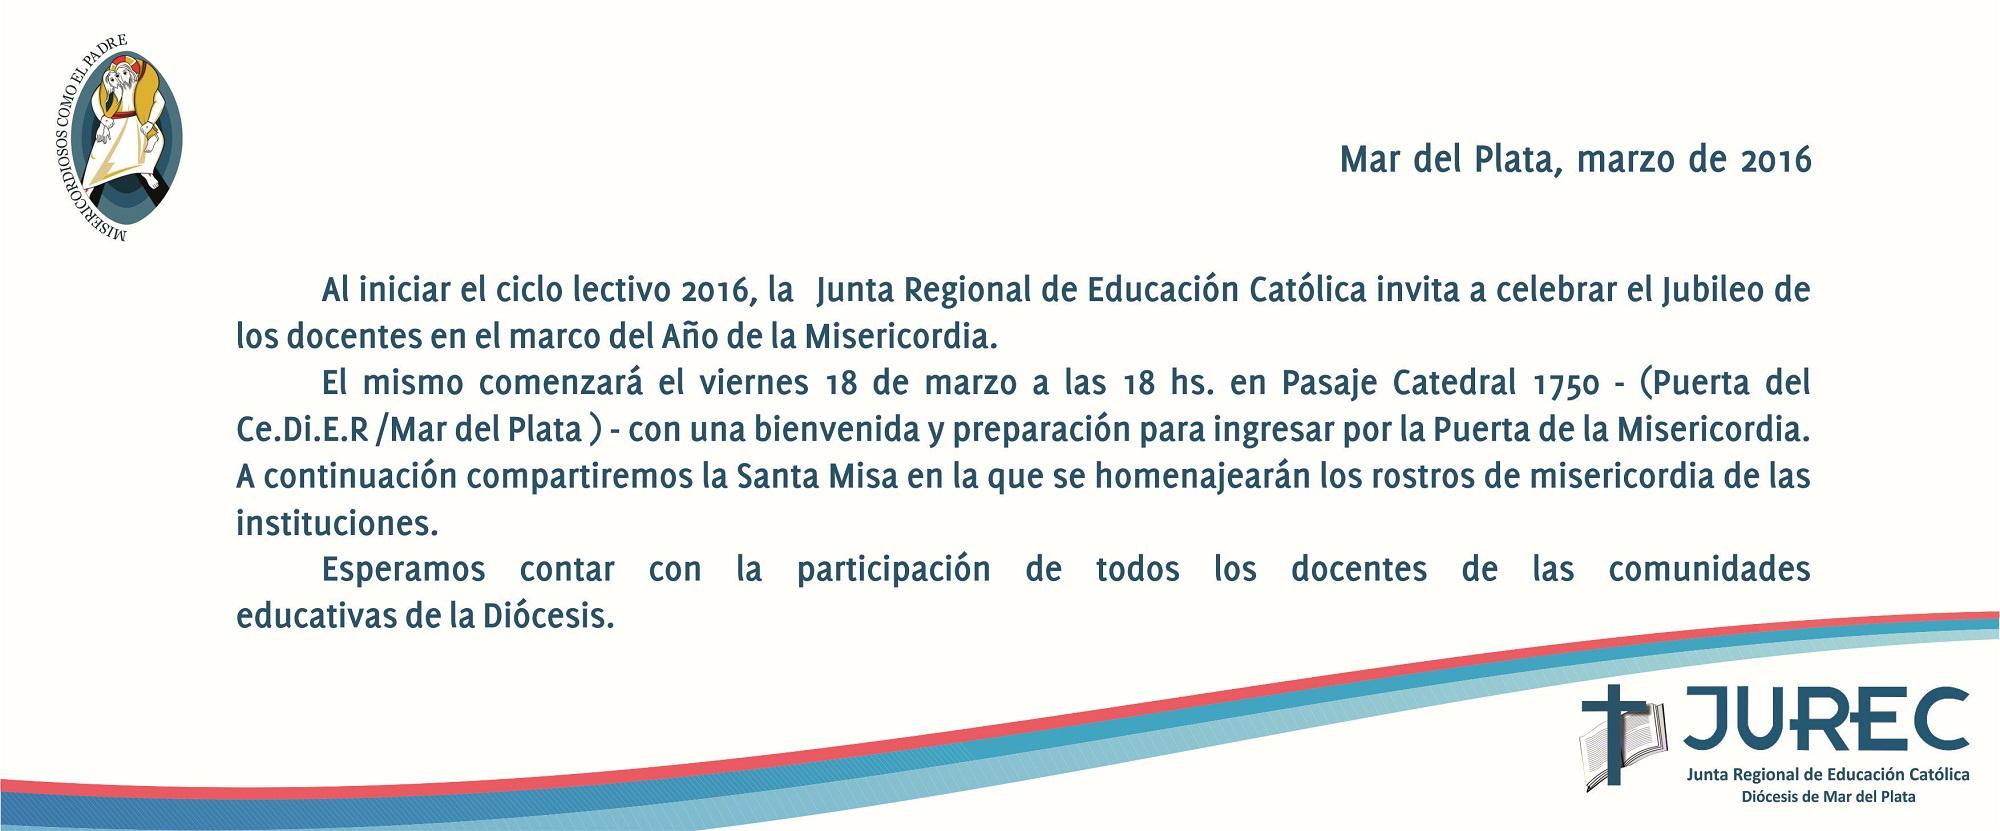 El 18 de marzo se realizará el «Jubileo de los docentes»